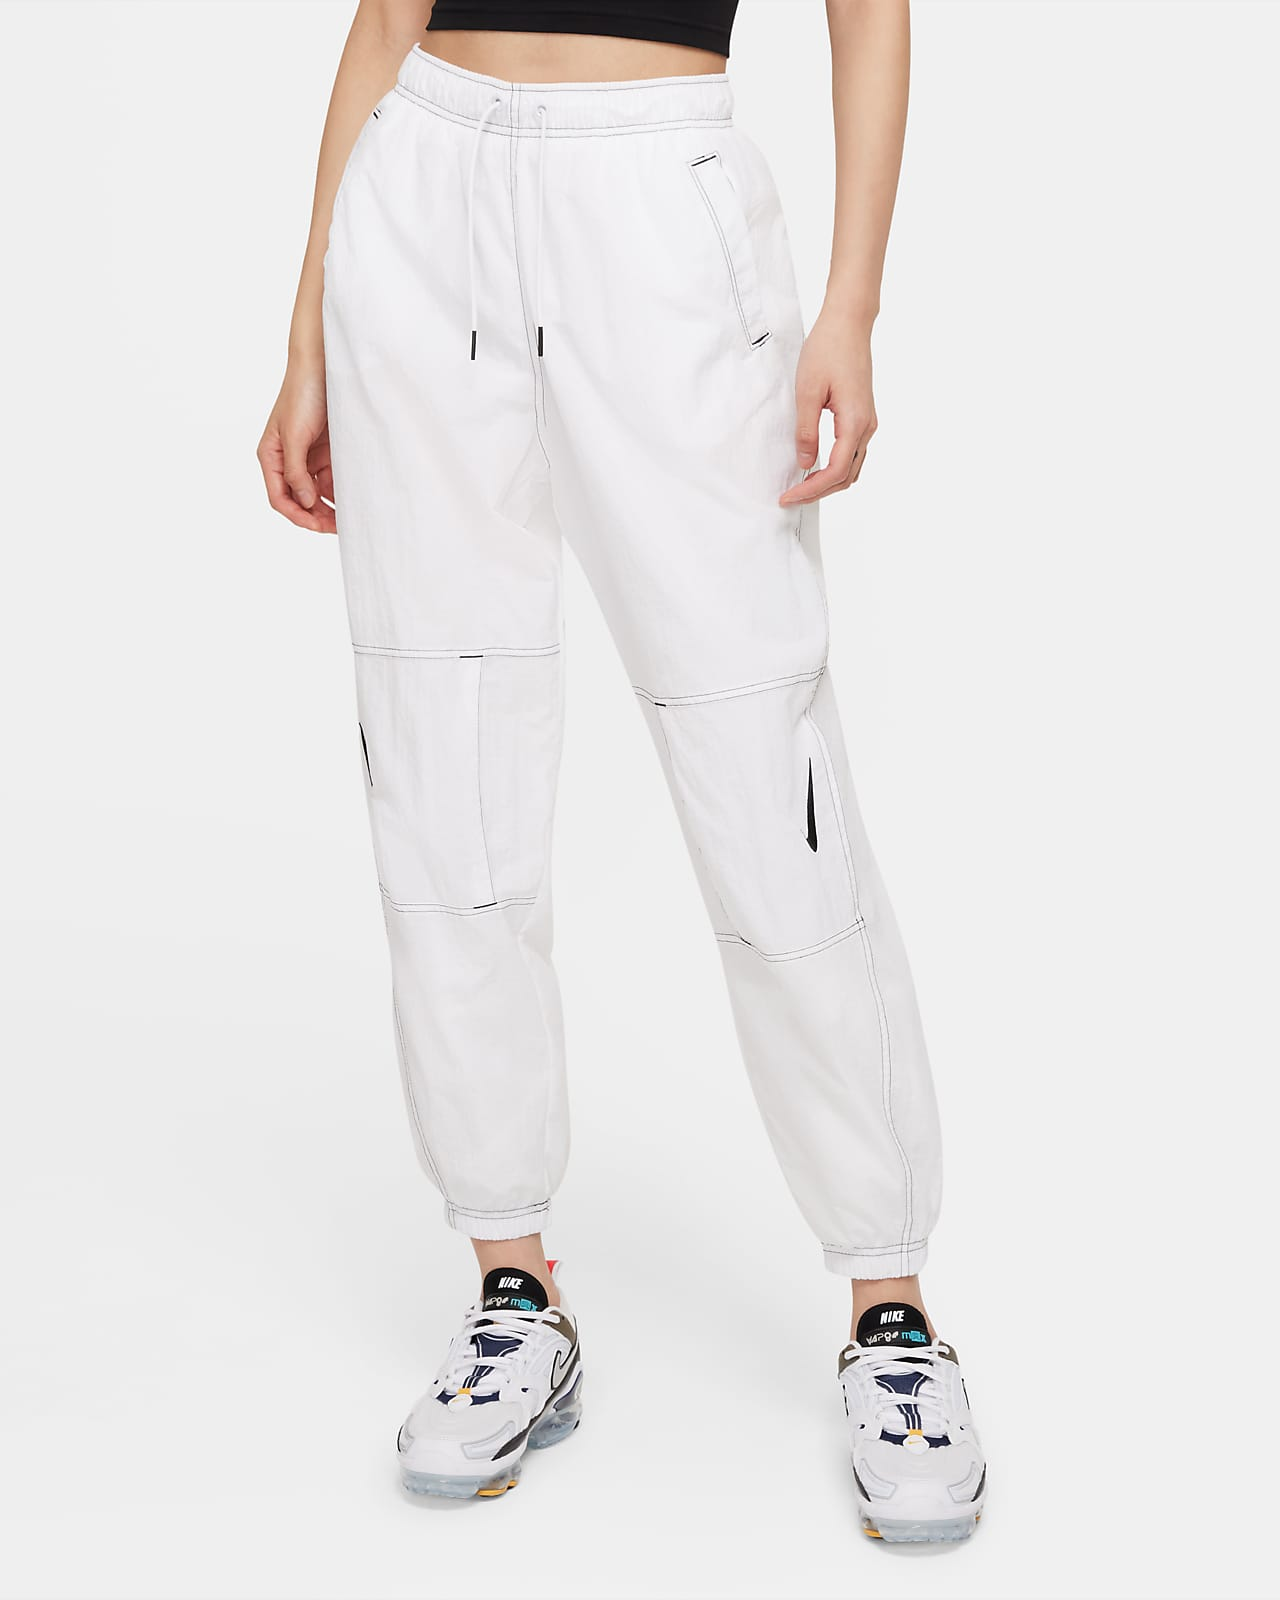 Nike Sportswear Swoosh Repel 女子长裤